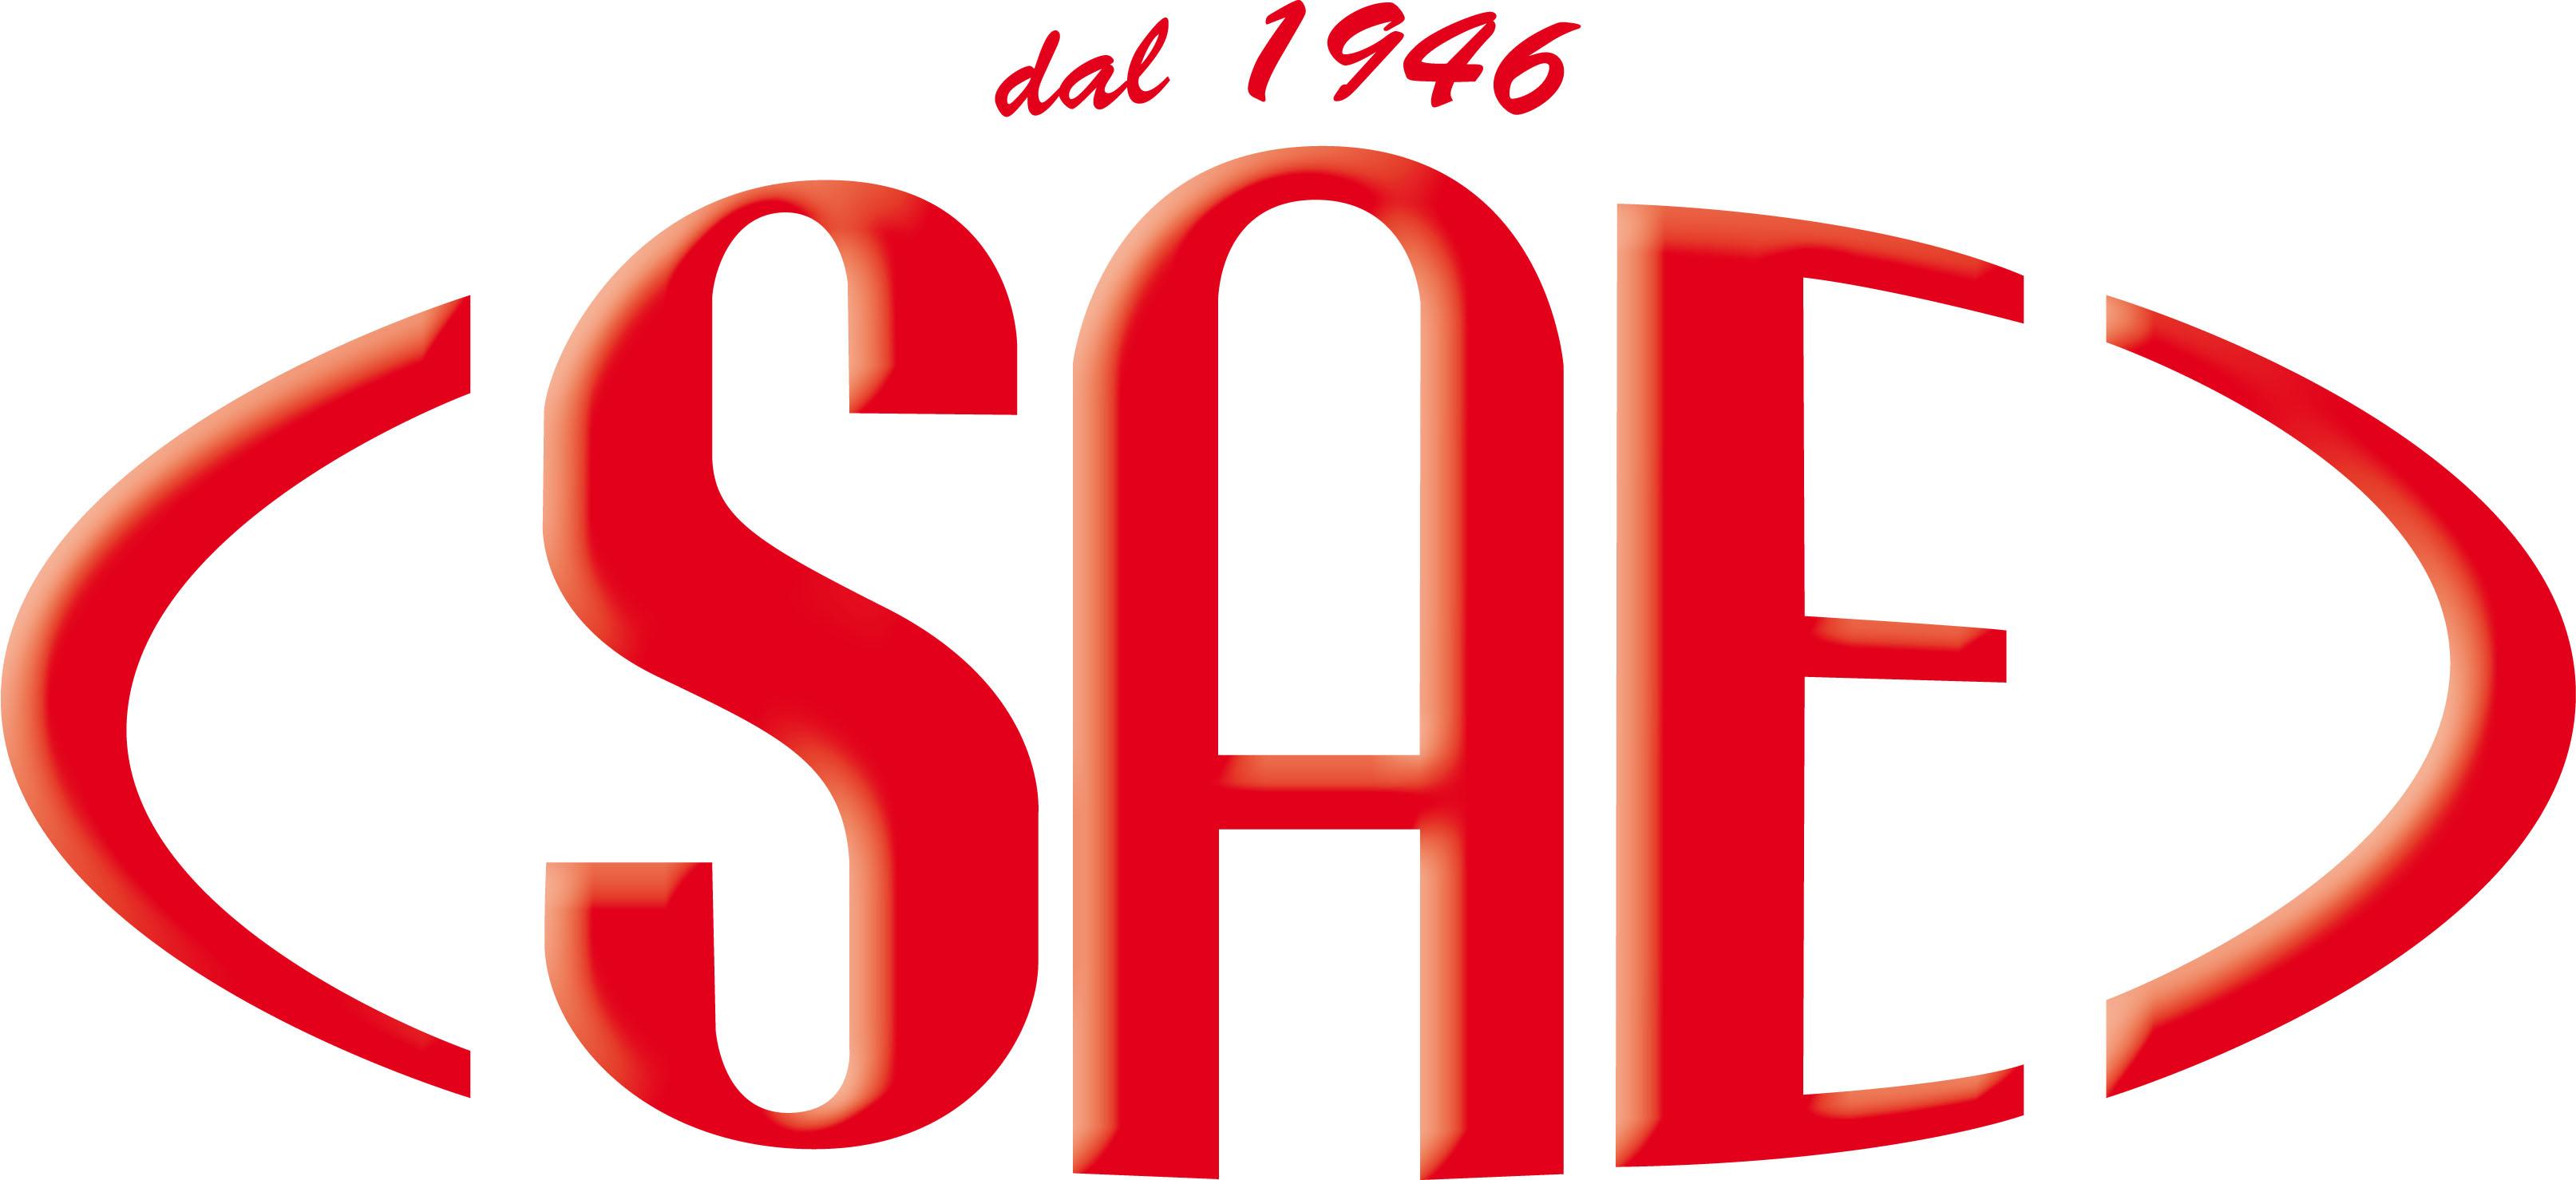 ALTA RISOLUZIONE Logo Sae dal 1946 (4)